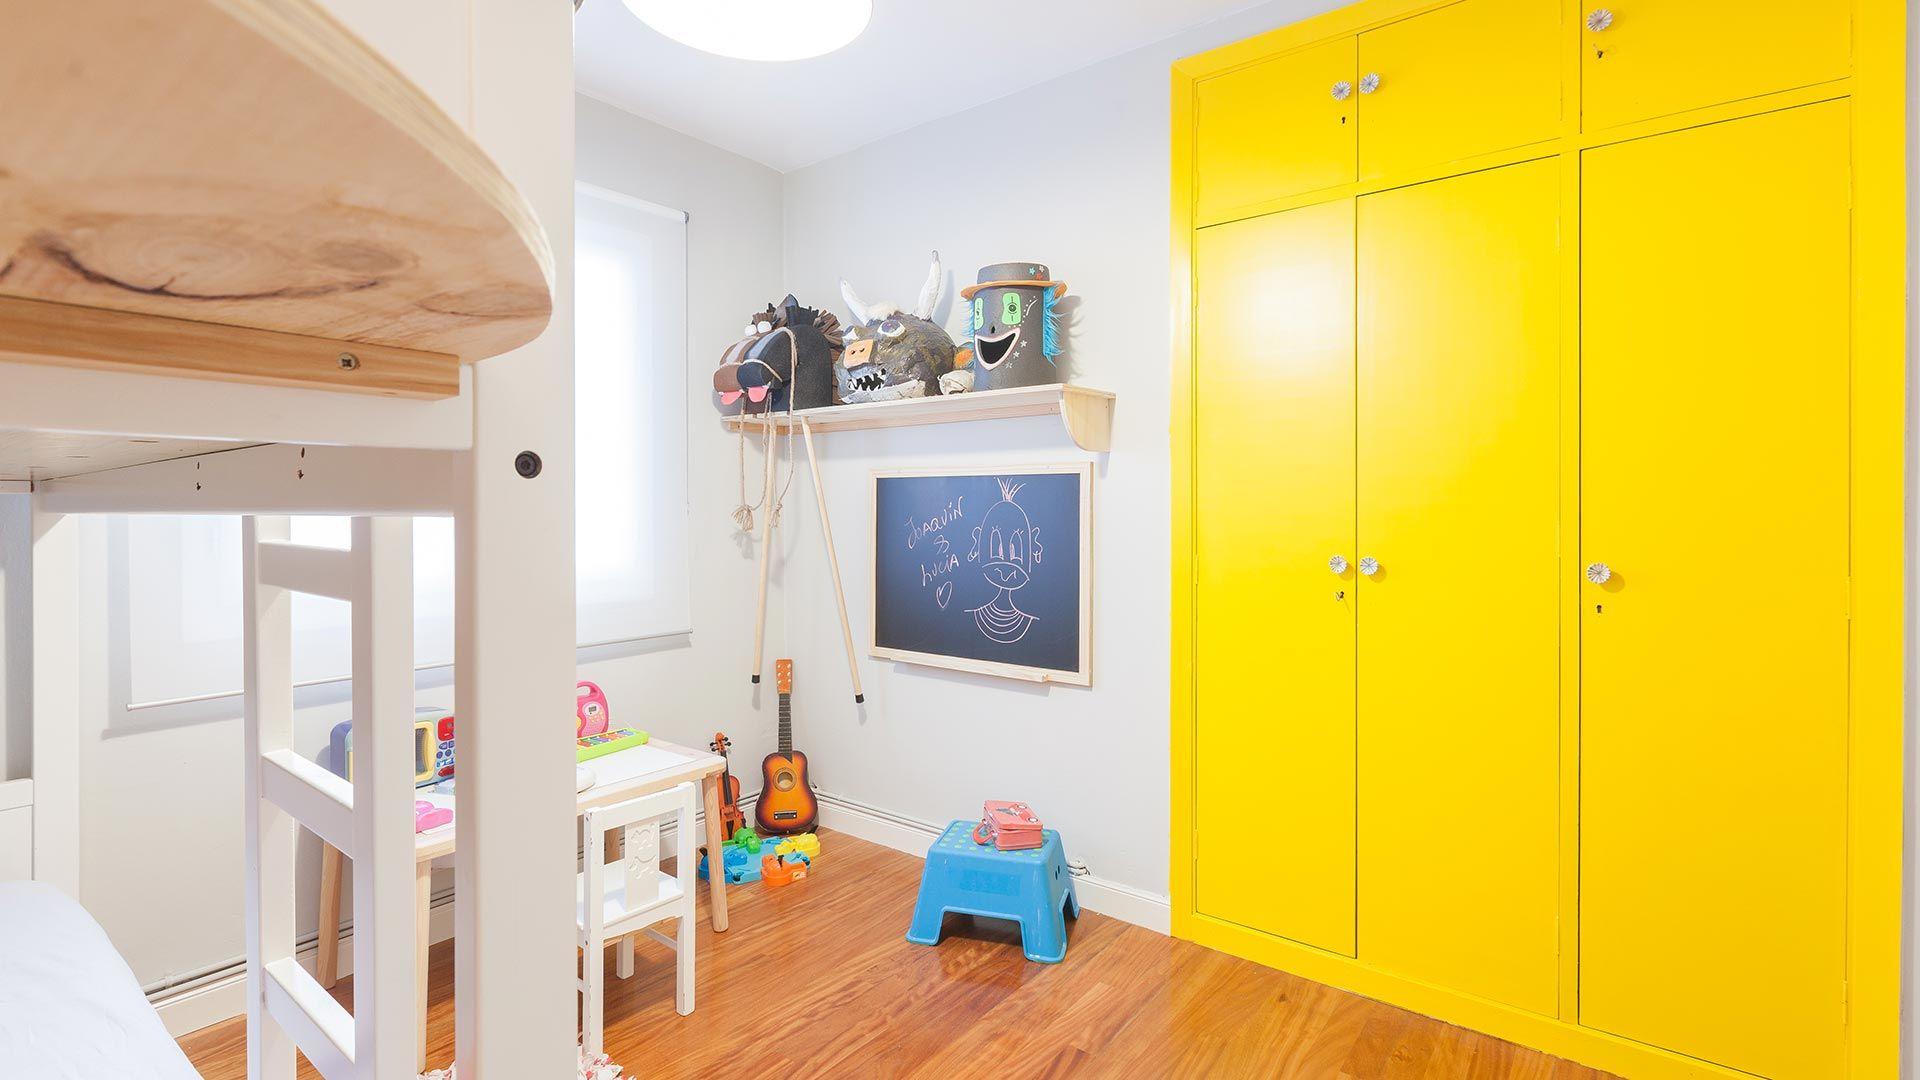 Colores llamativos para un armario empotrado en una habitación infantil.